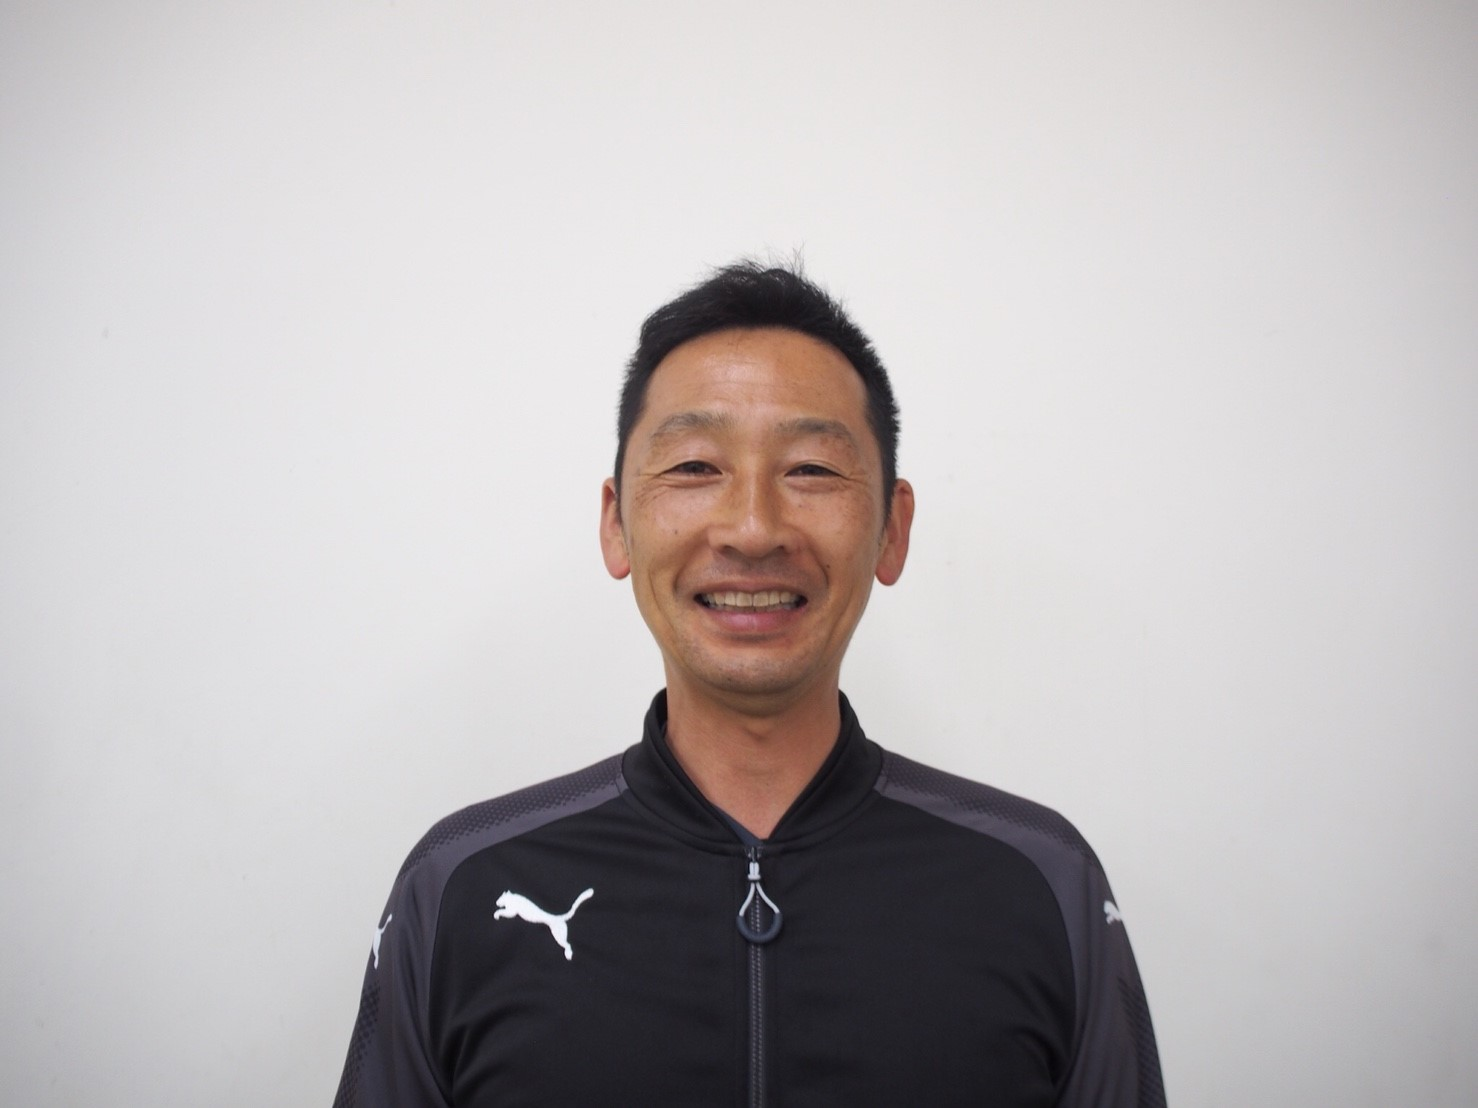 岩田 祐二